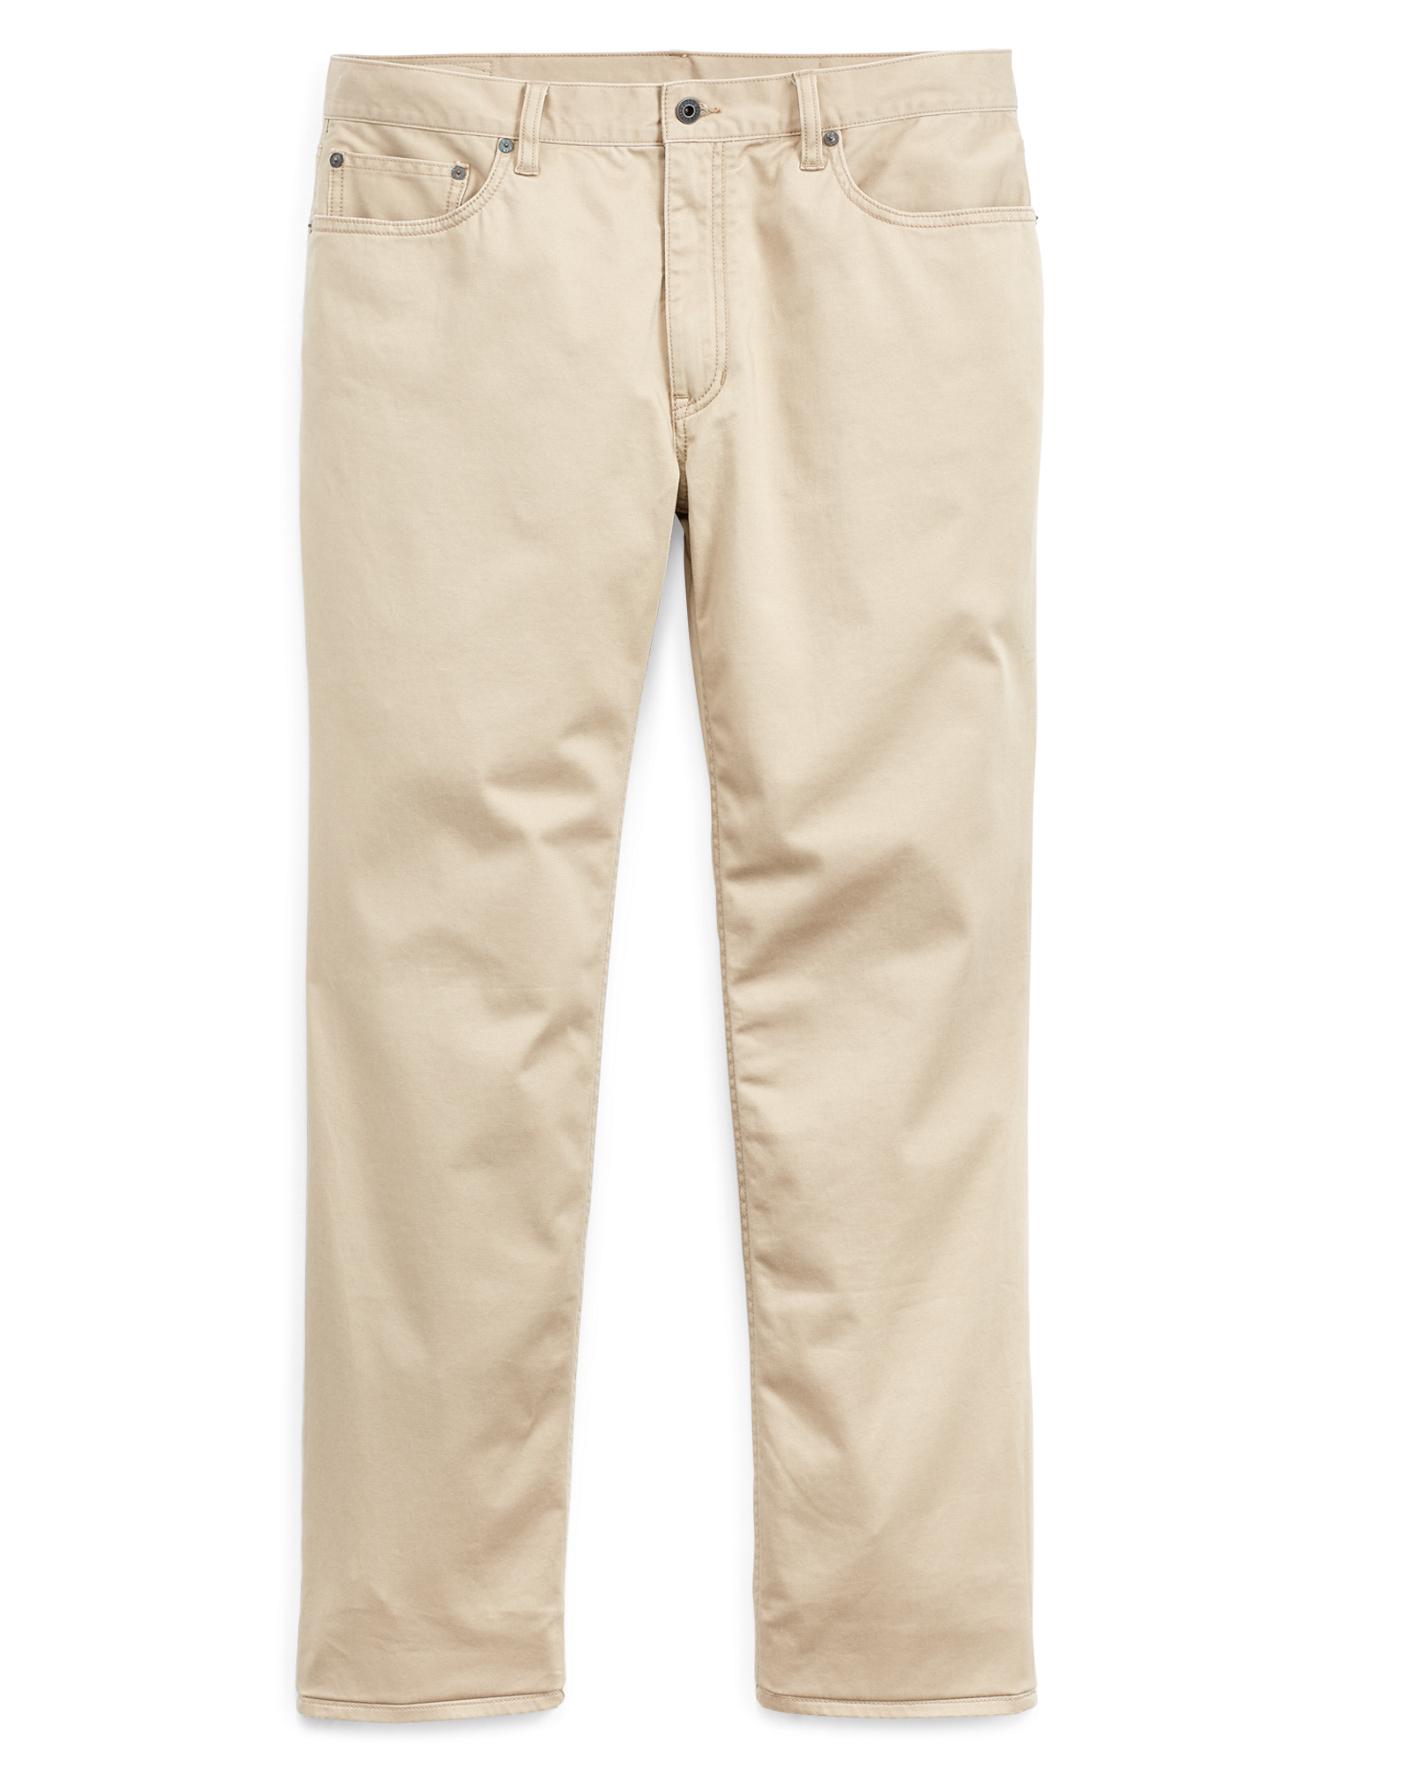 Men's Pants - Jeans, Cargo, Khaki, Corduroy | Ralph Lauren